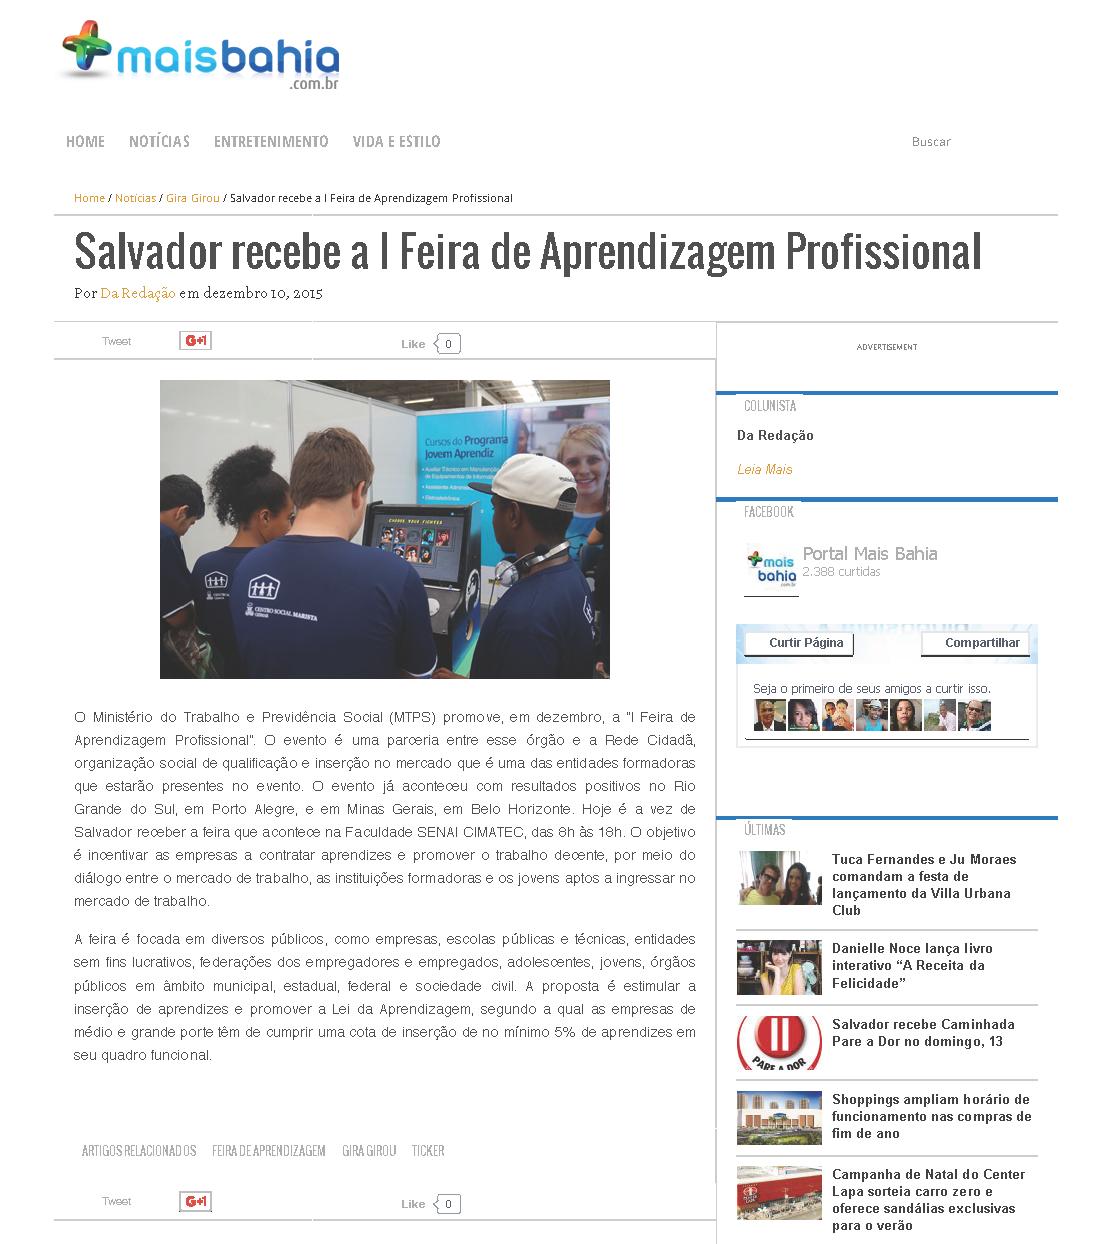 Salvador recebe a I Feira de Aprendizagem Profissional - Mais Bahia - Mais Bahia